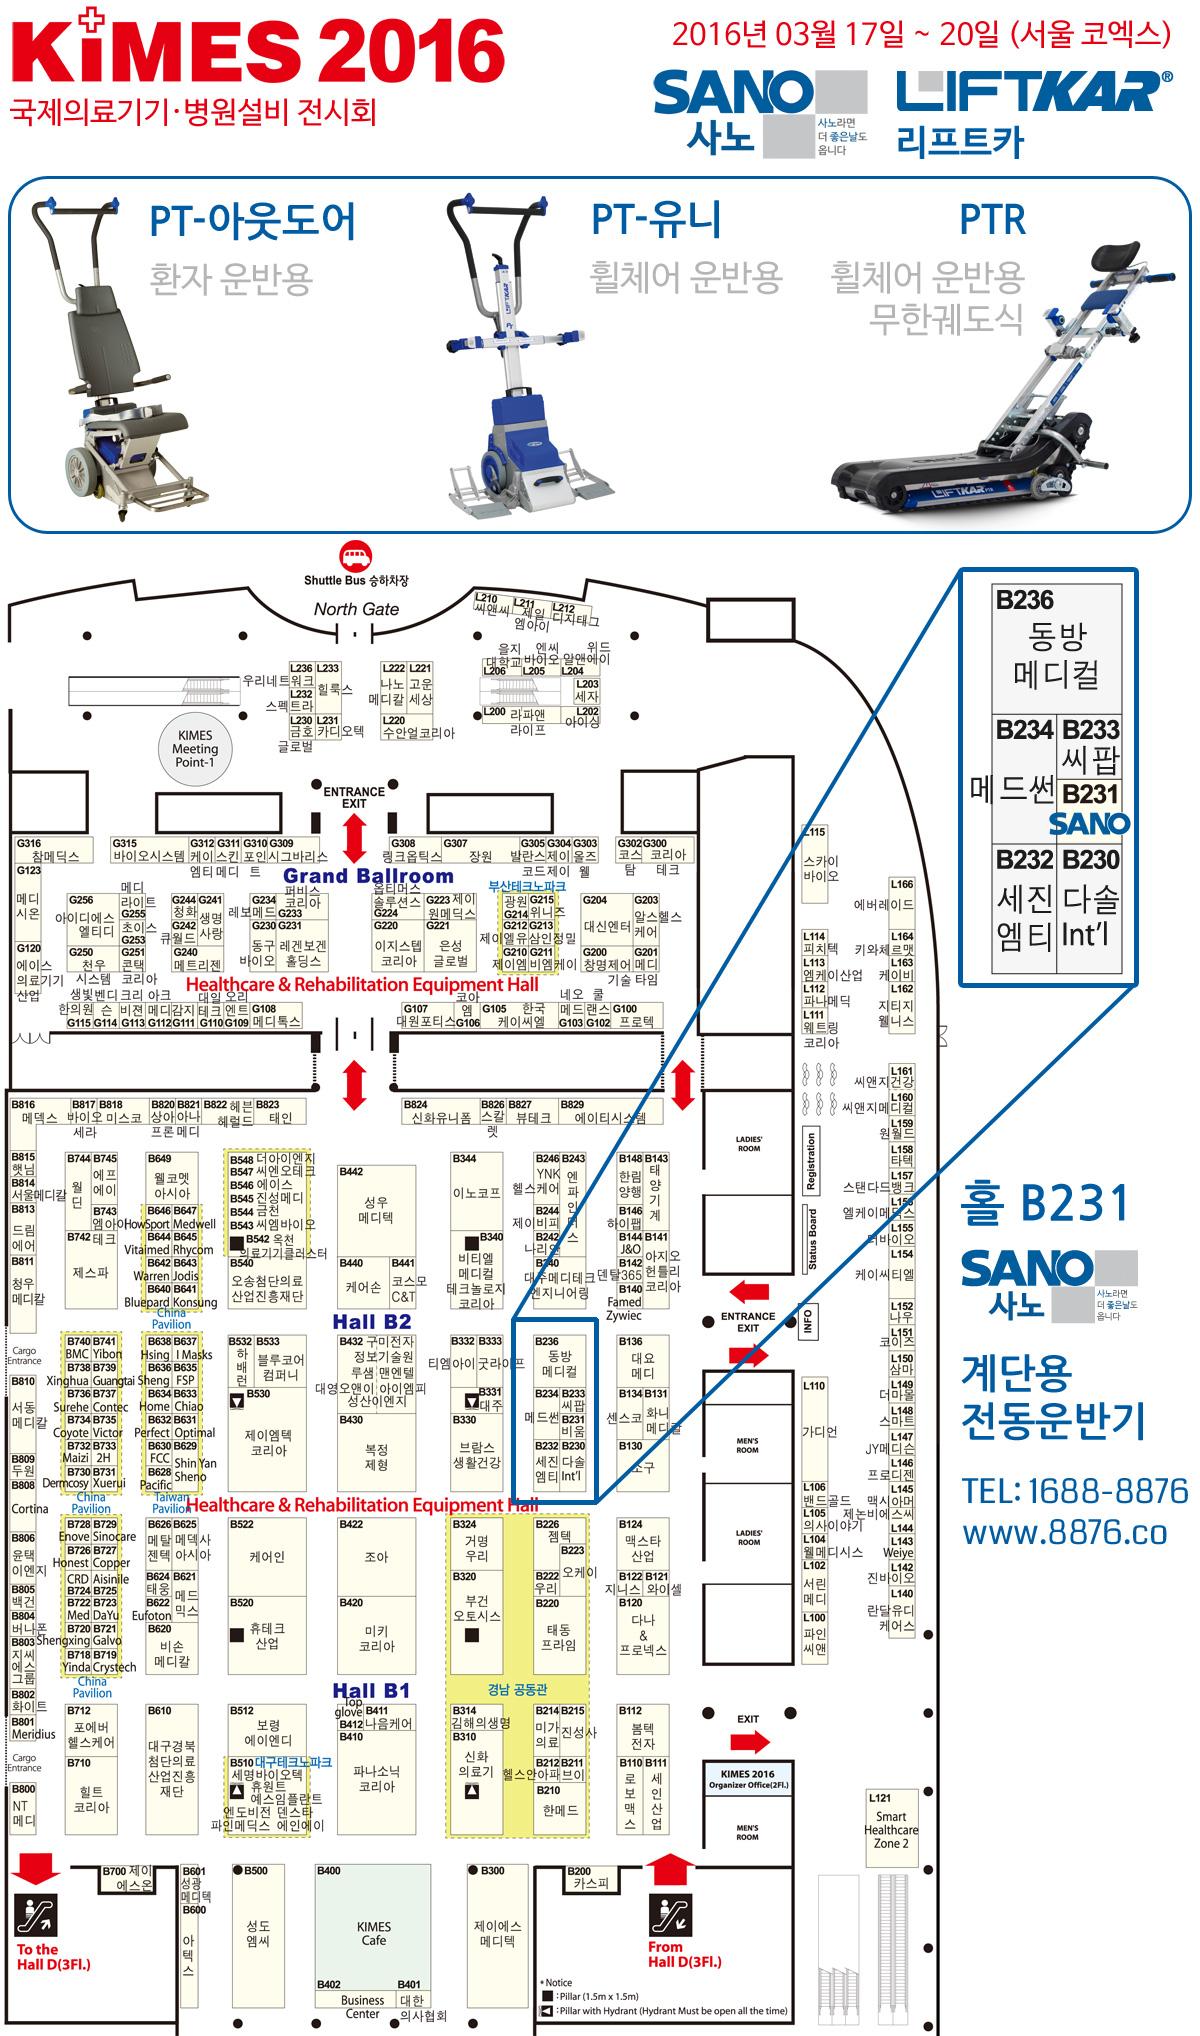 KIMES2016 국제의료기기 병원설비 전시회 계단용 환자 운반기 전시장 안내